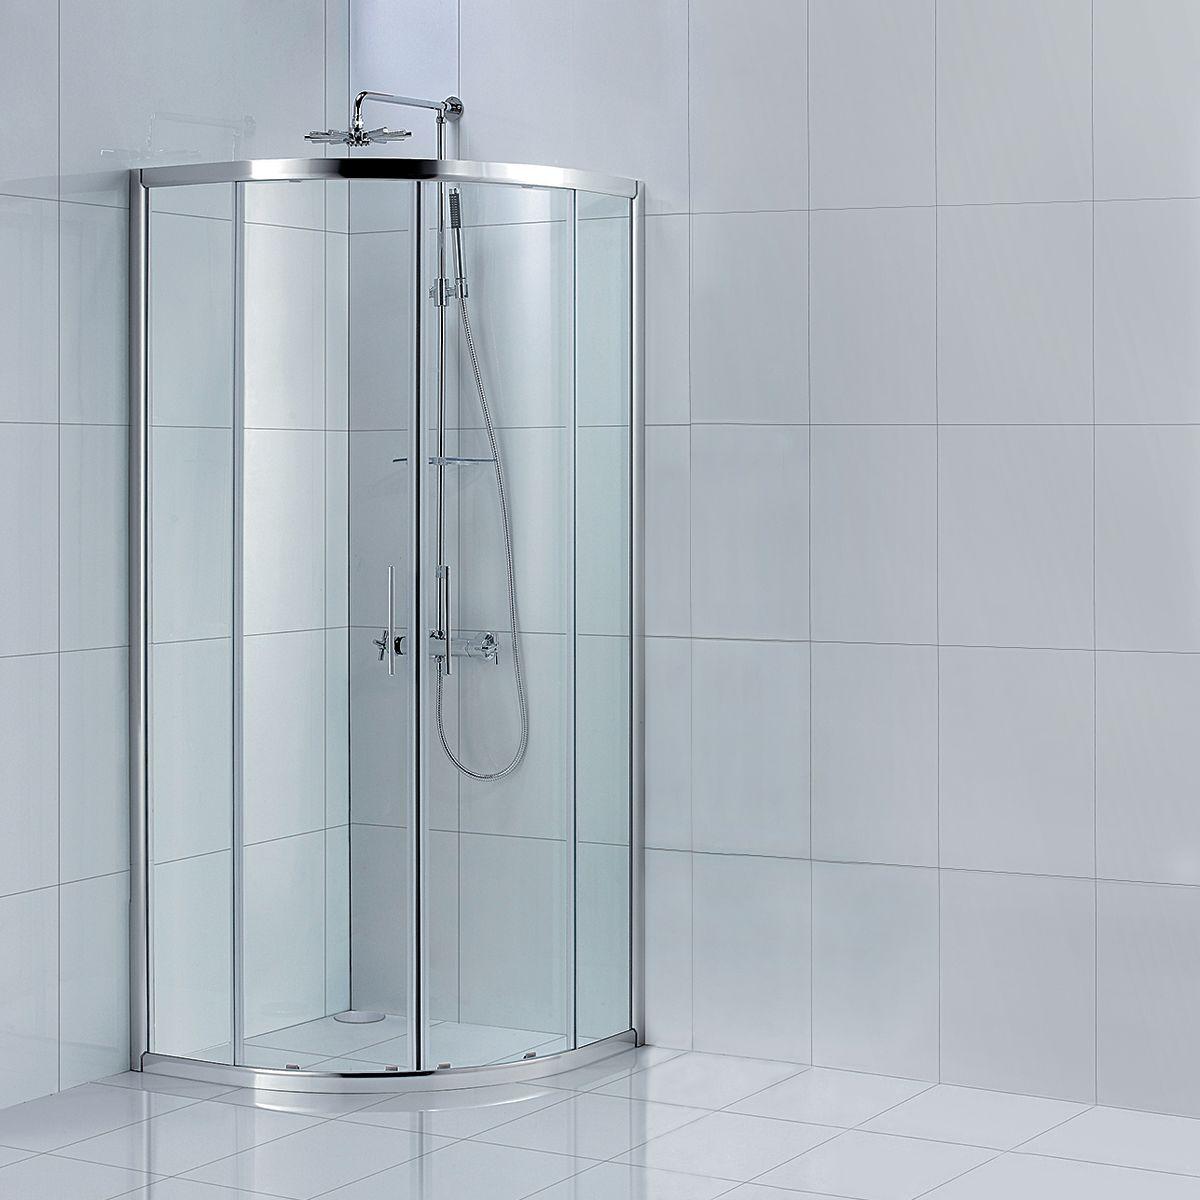 box doccia scorrevole remix2 87.5-89 x 87,5-89, h 185 cm cristallo 5